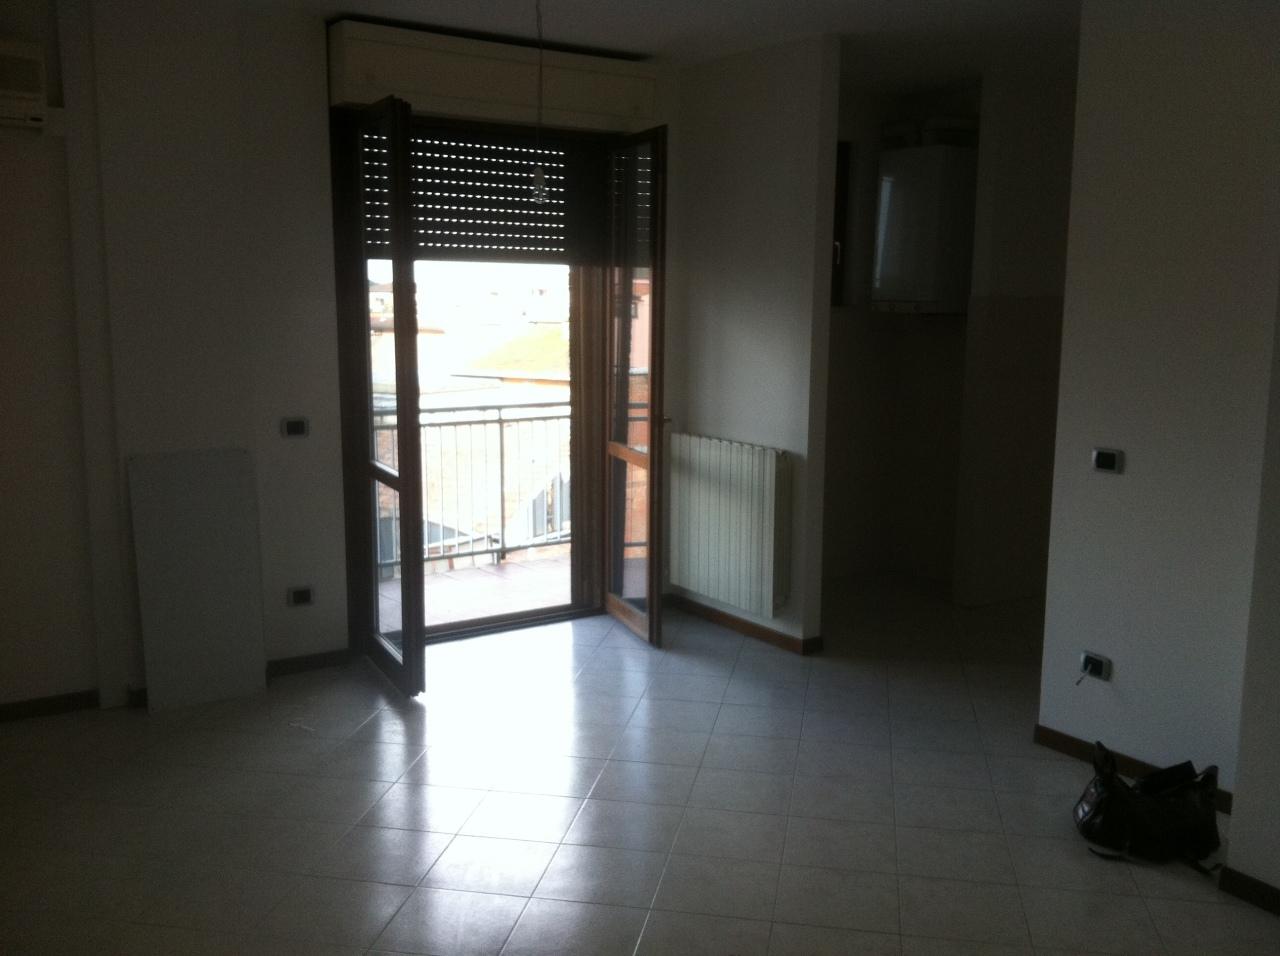 Attico / Mansarda in vendita a Ponsacco, 5 locali, prezzo € 145.000 | Cambio Casa.it